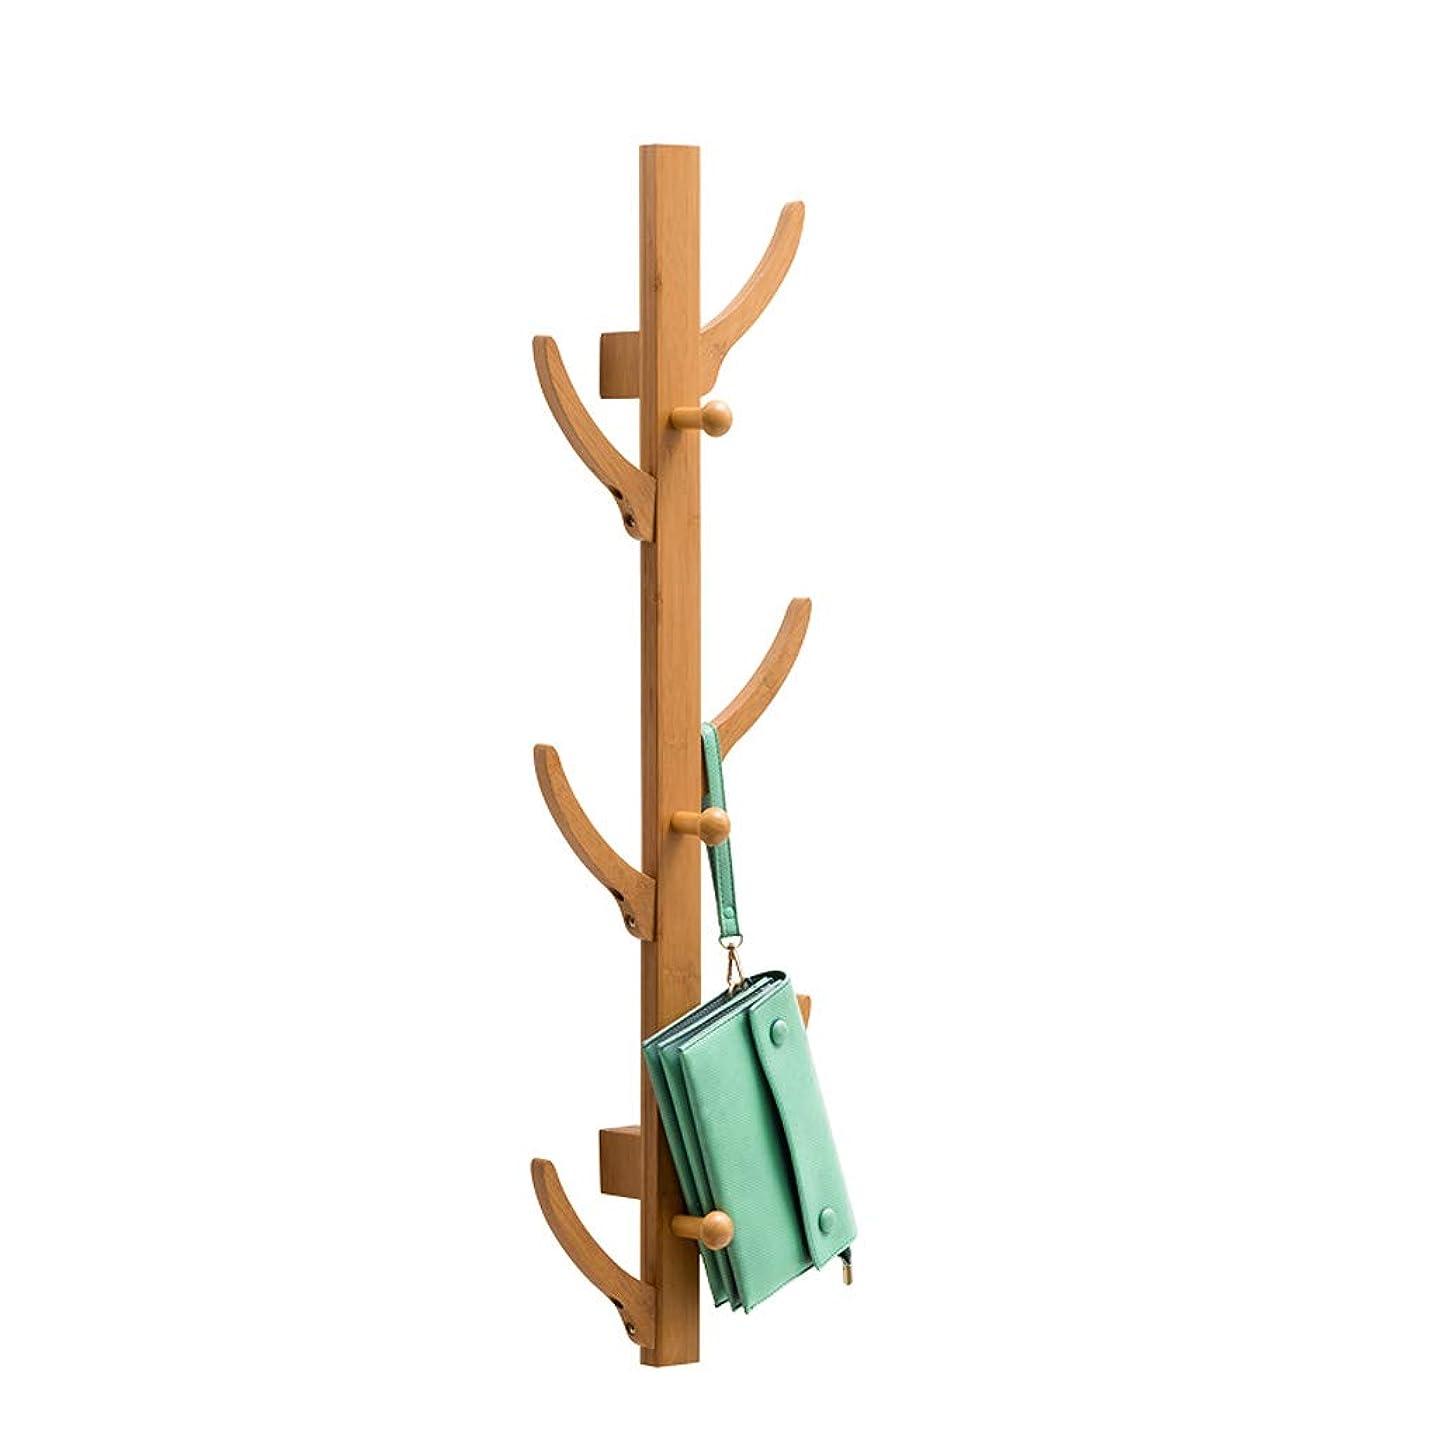 支援するスコア防止HXGL-ハンガー シンプルなファッションコートラックフロアラックソリッドウッドの寝室フックツリーいかだ収納アイテム家庭用フック (Size : S)